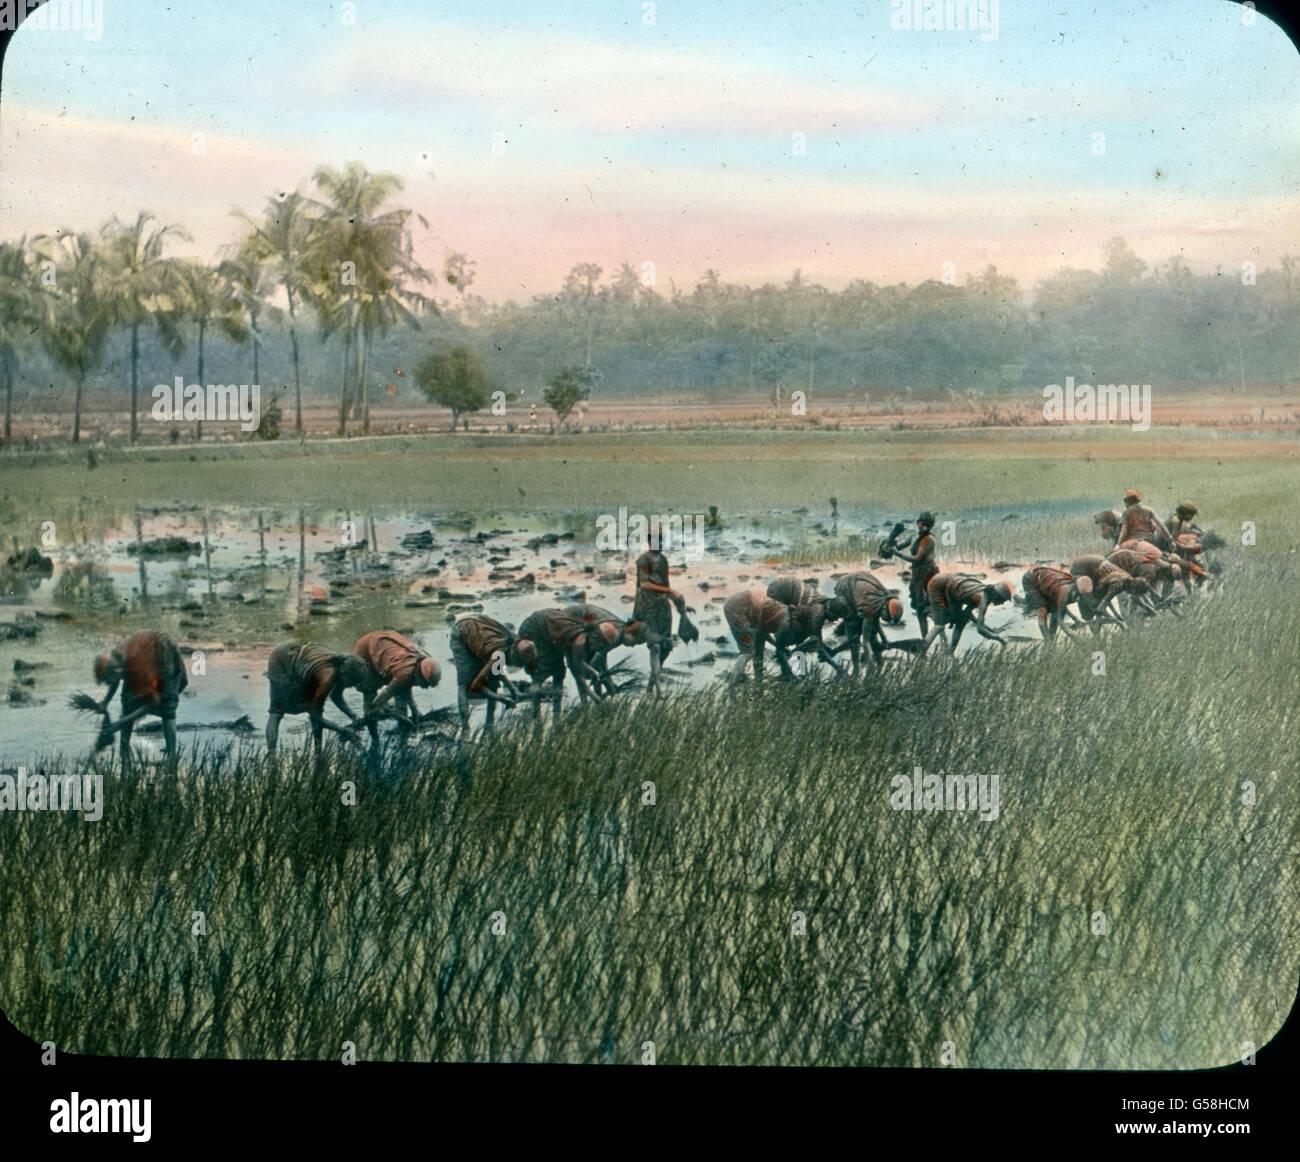 Bauern pflanzen Reis als Ernährungsgrundlage un. India, Asia Travel, agricoltore, riso, cibo, sementi, 1910s, Immagini Stock